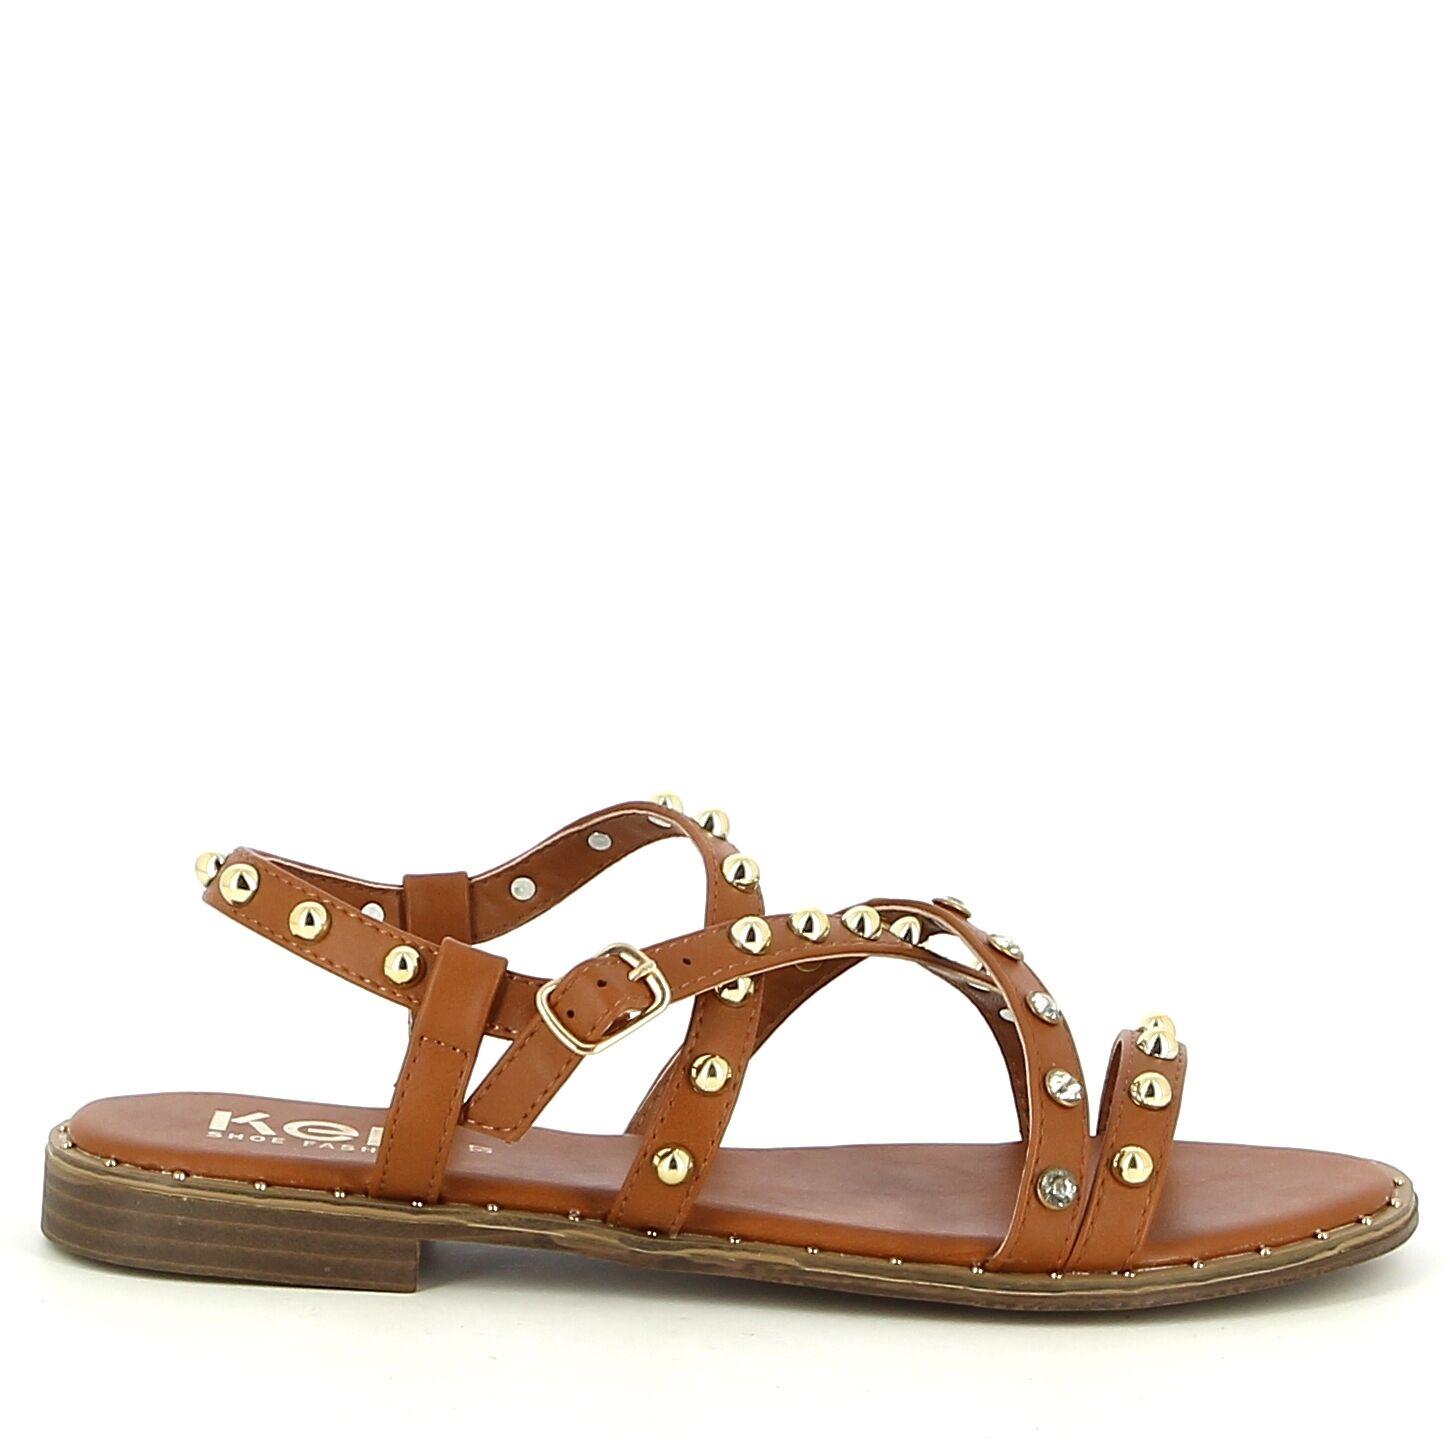 Ken Shoe Fashion - Sandales - Camel avec strass